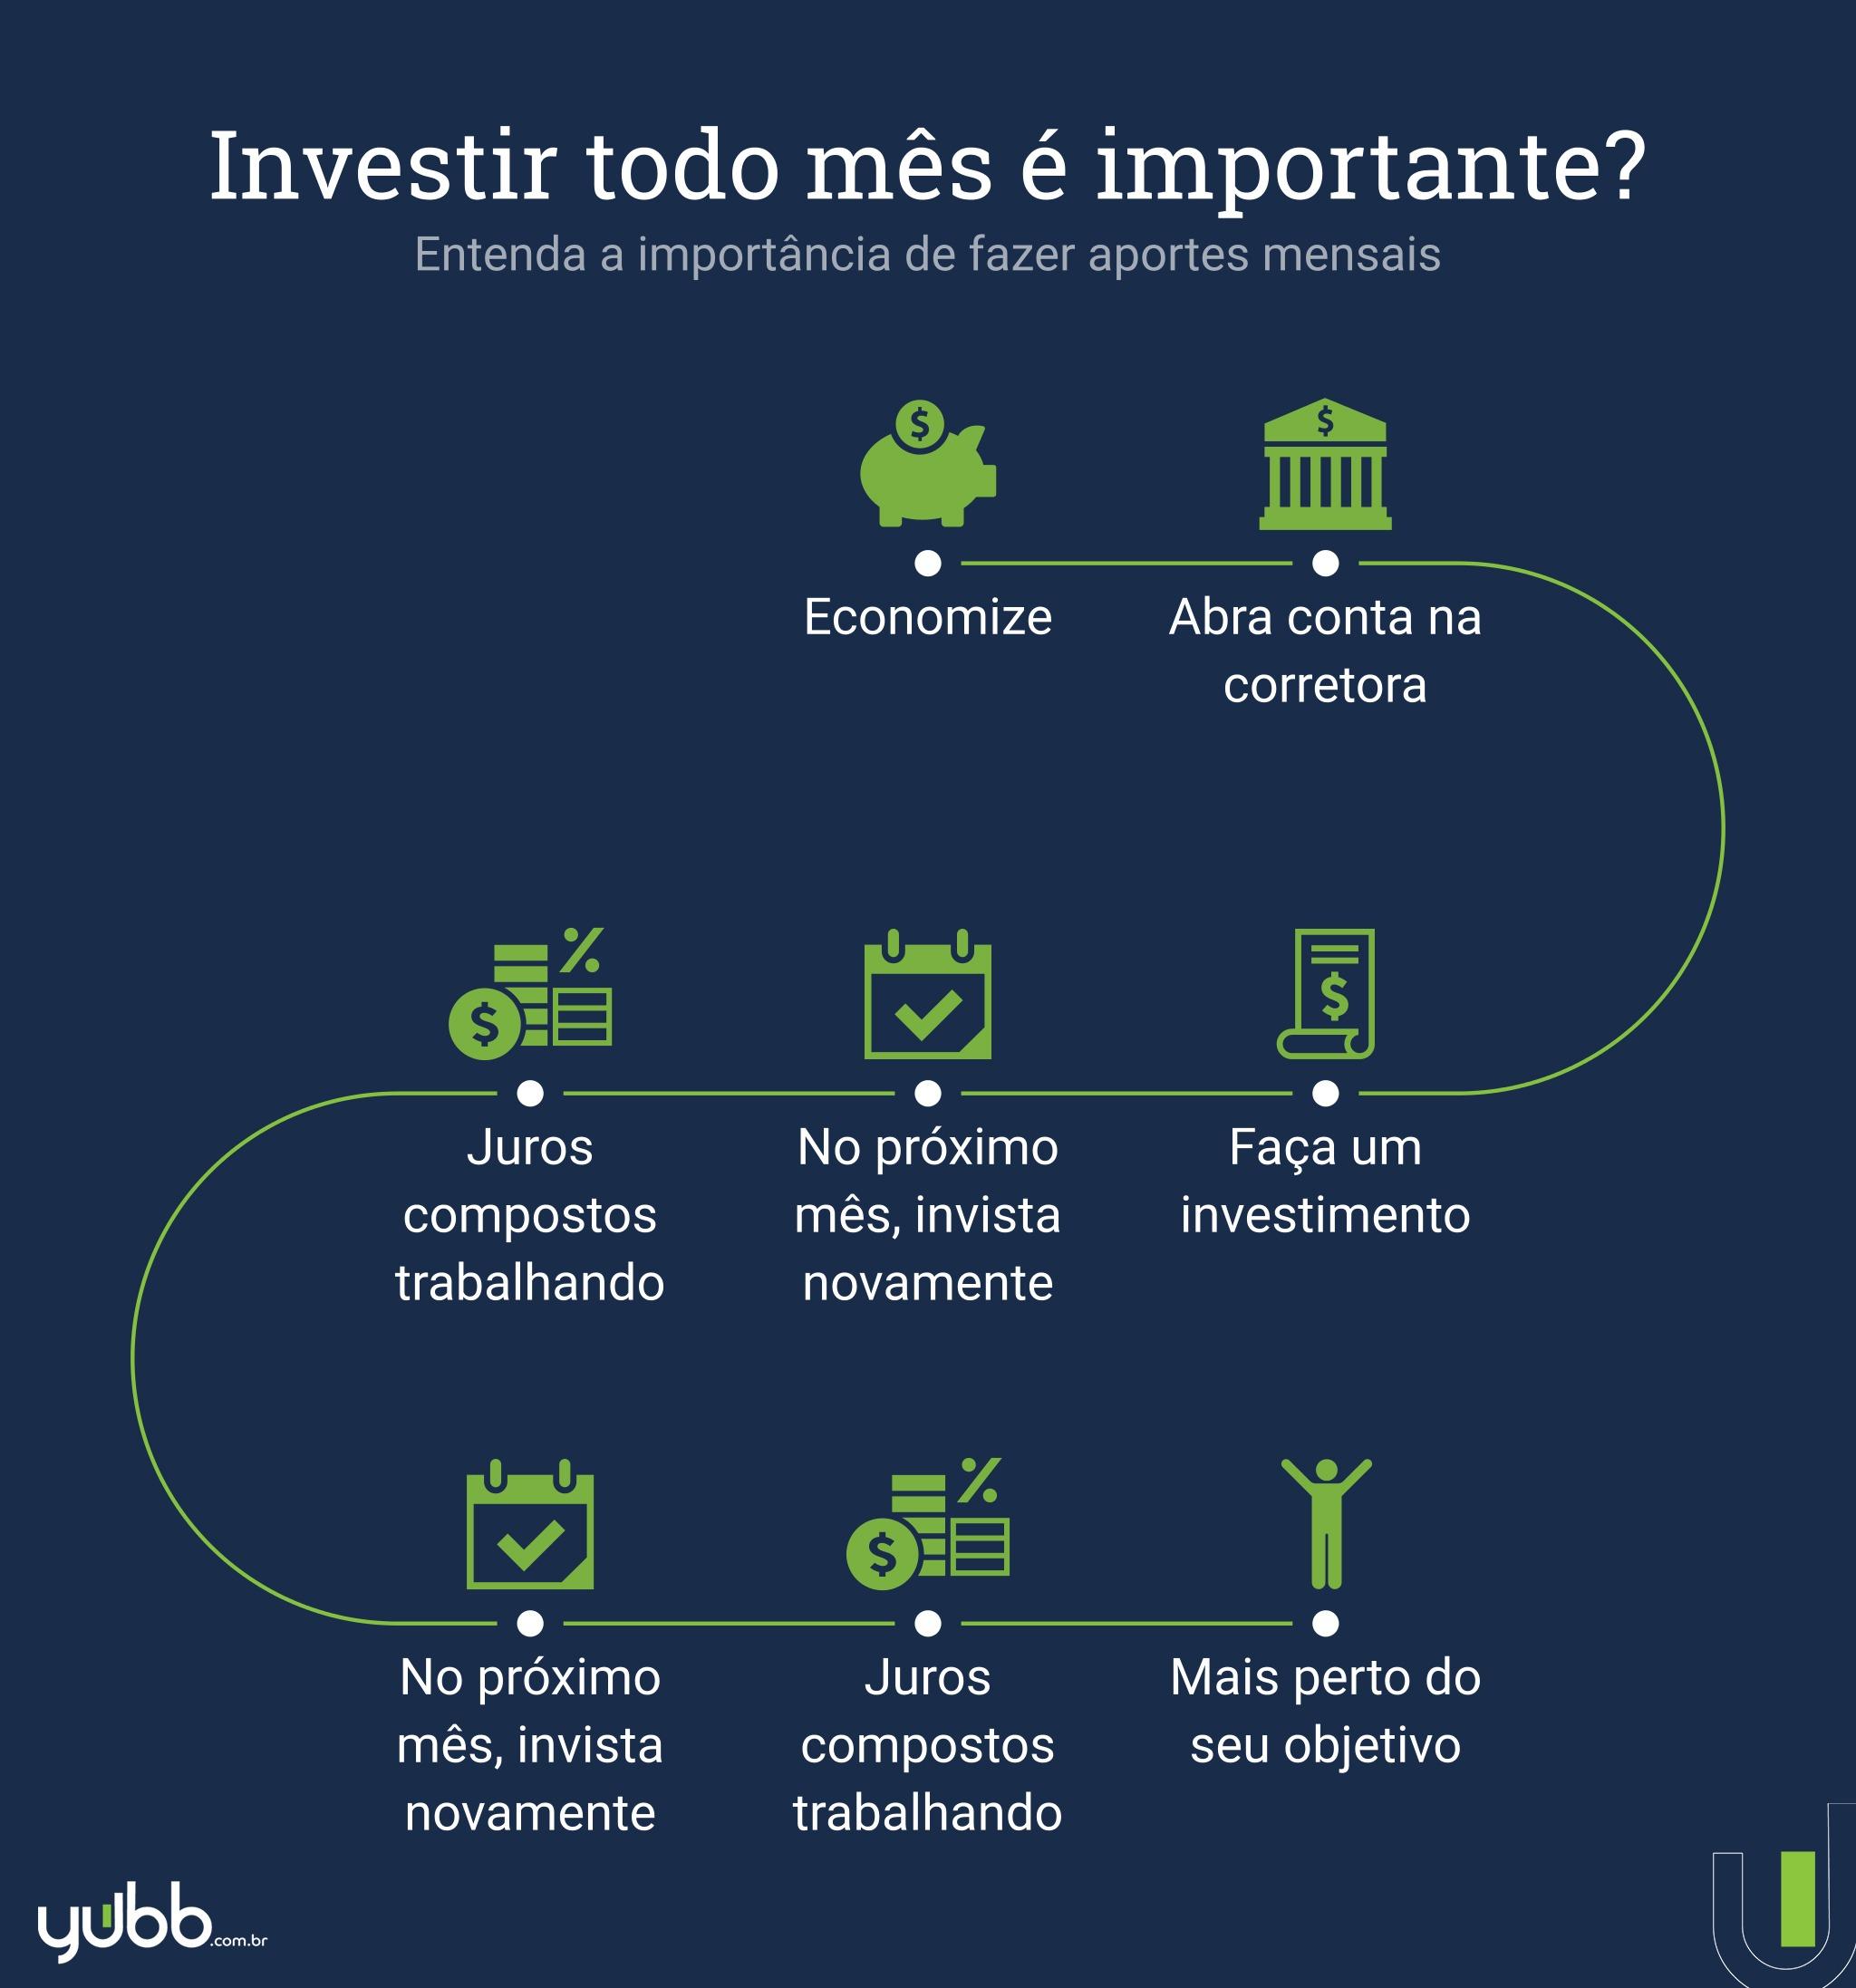 como fazer um investimento com aporte mensal